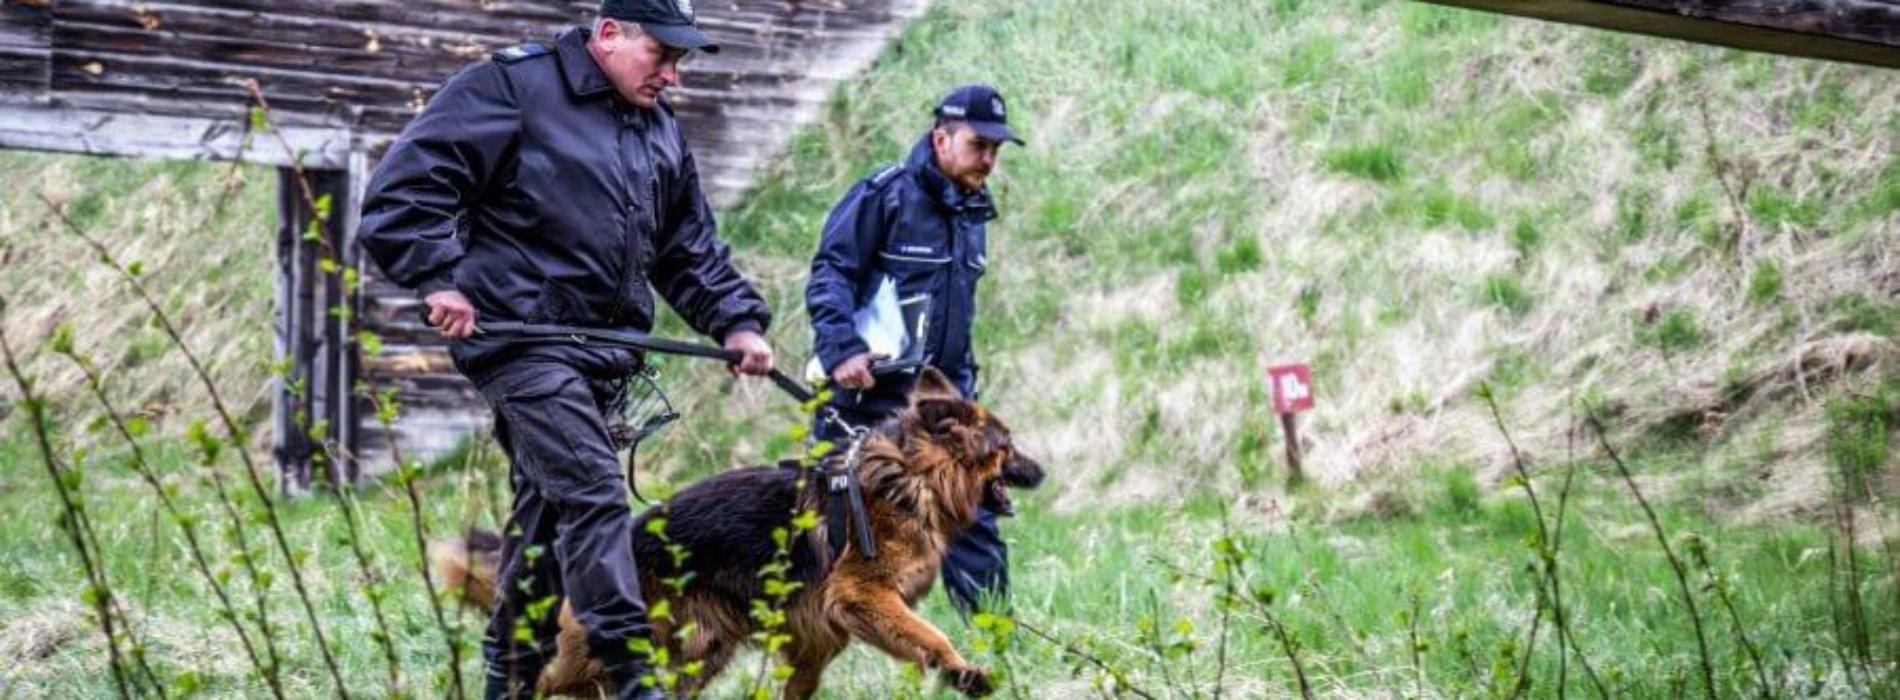 TESTY PSÓW POLICYJNYCH